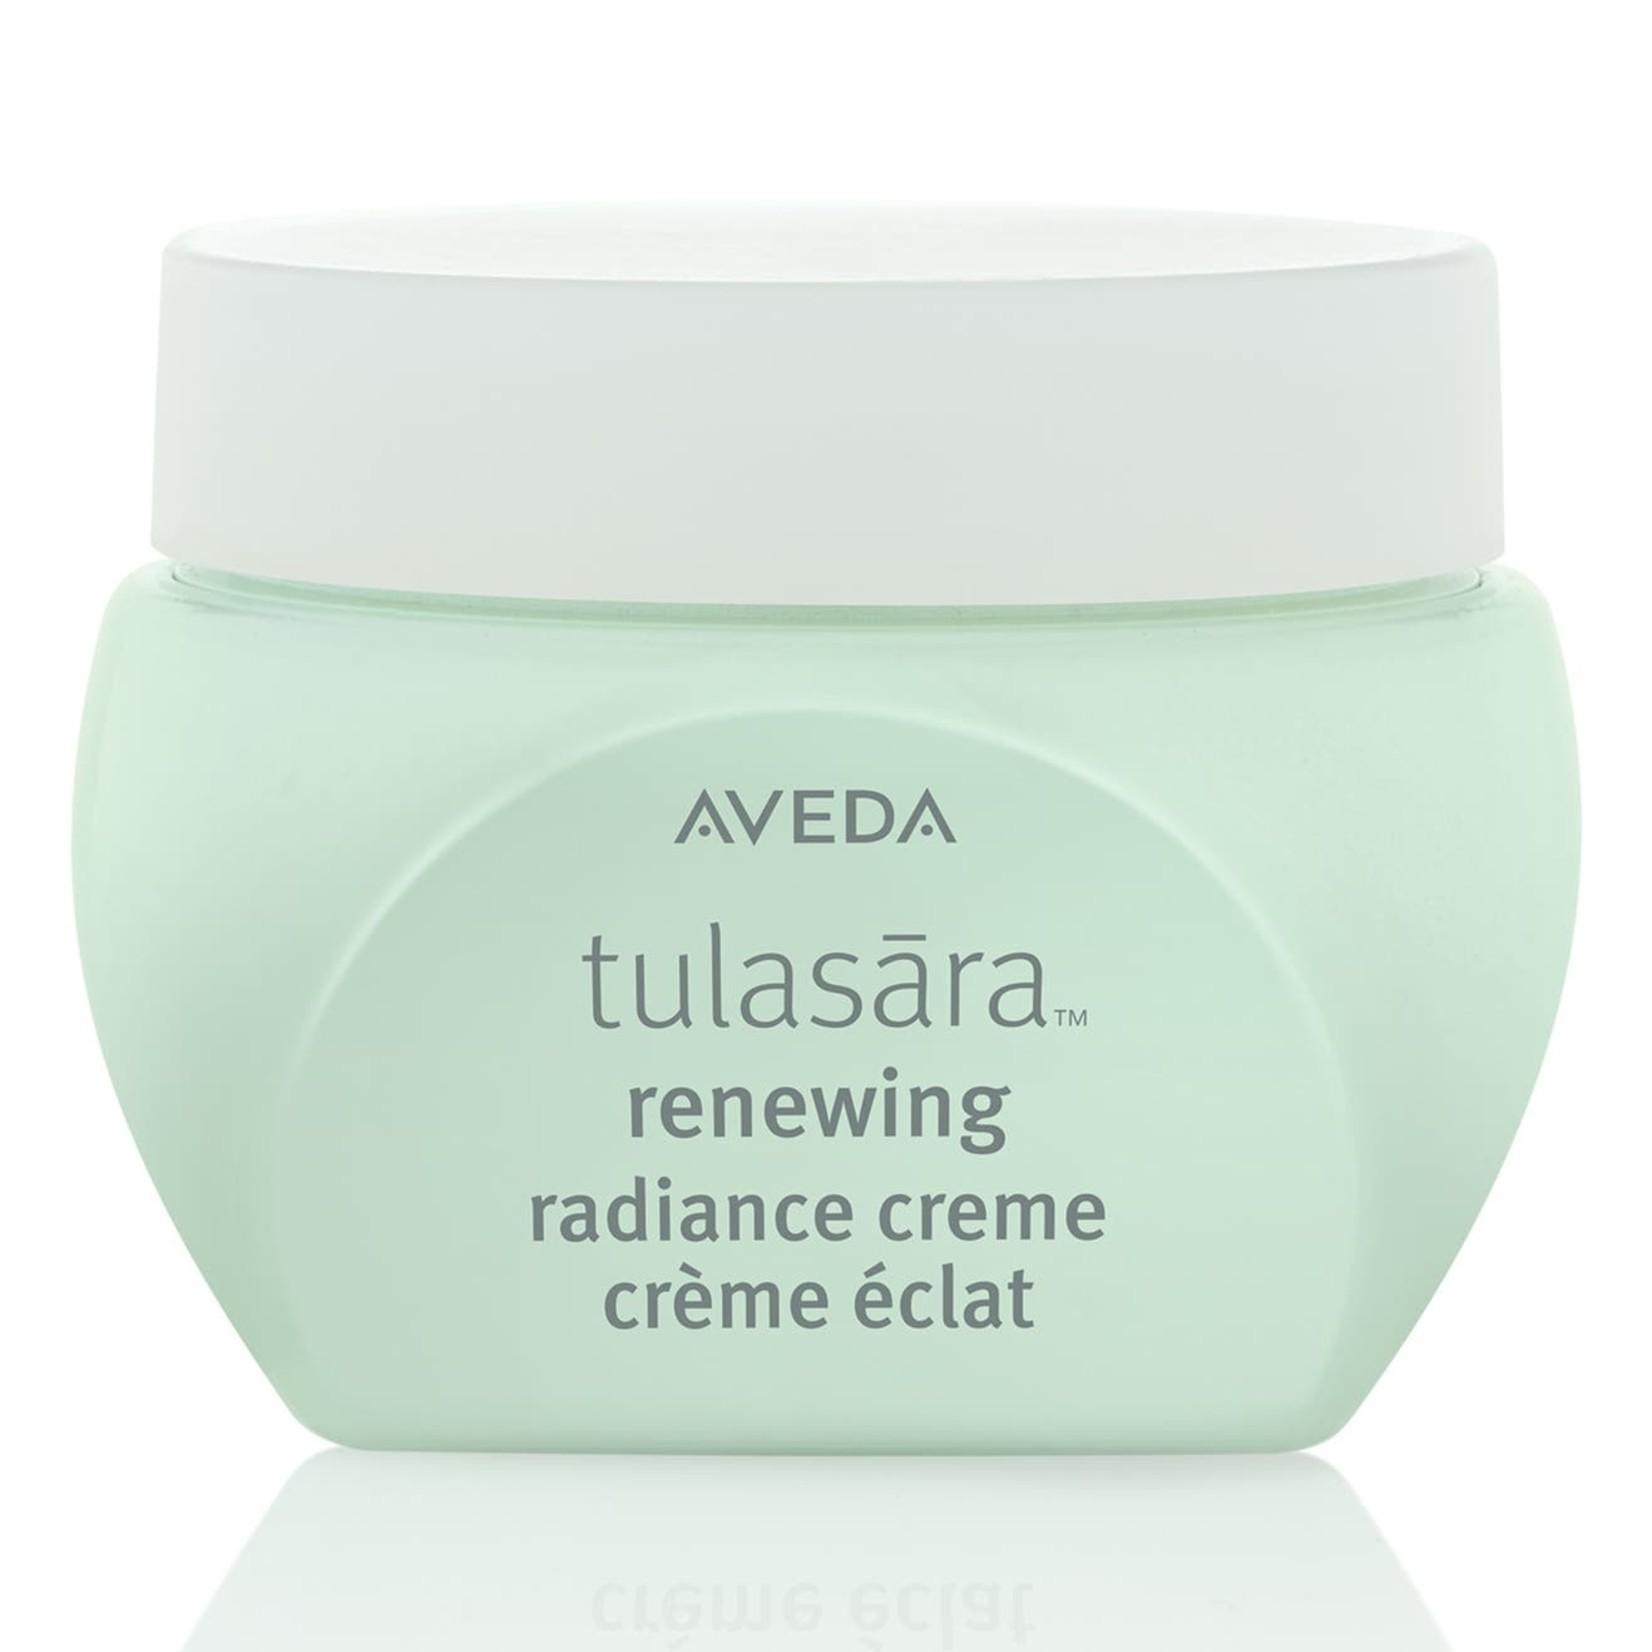 AVEDA Tulasāra™ Renewing Radiance Crème 50ml